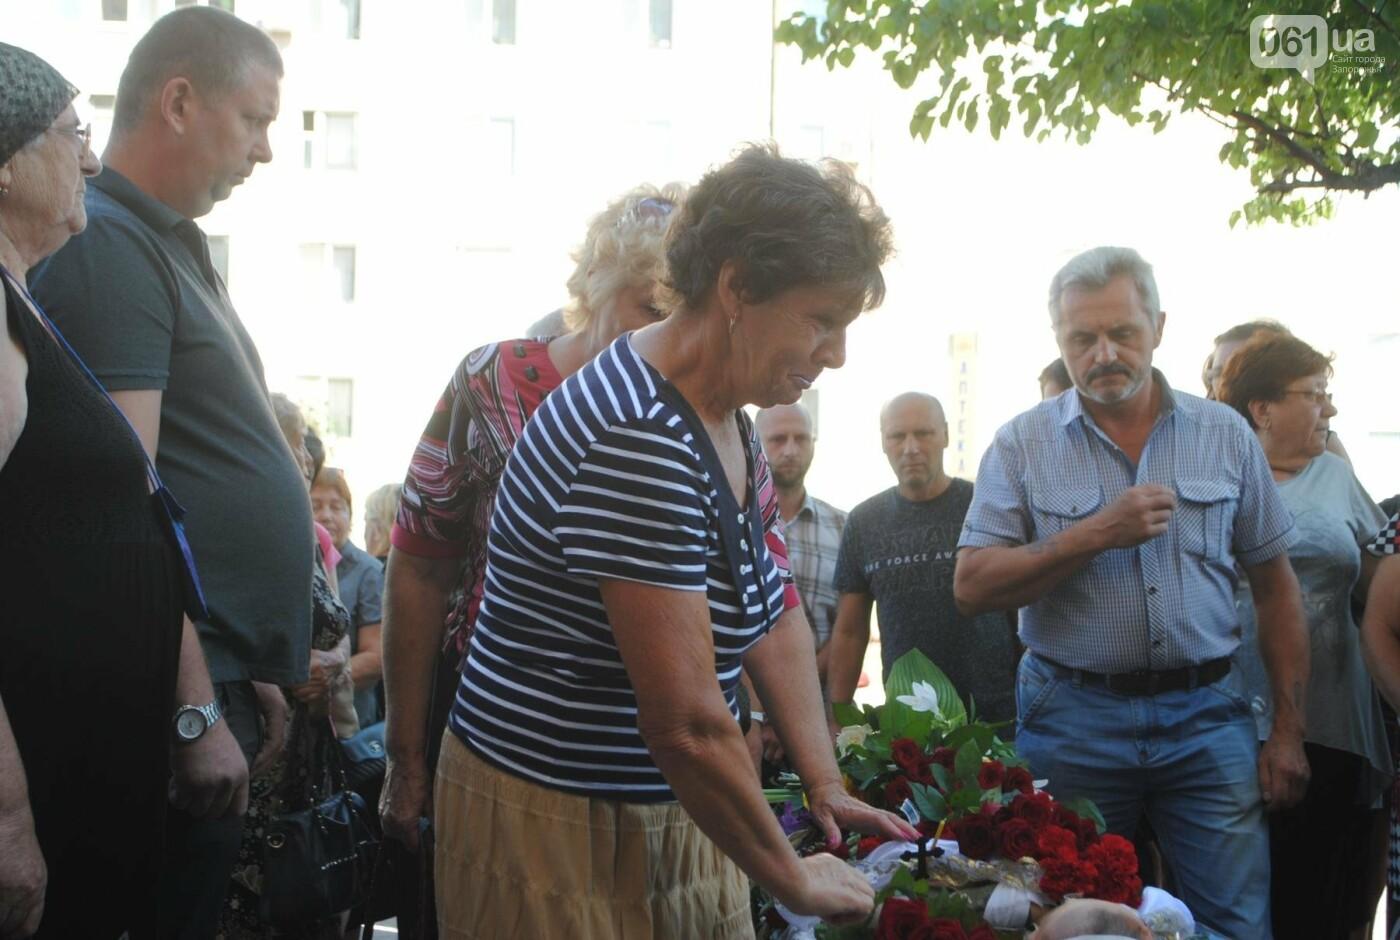 В Запорожье простились с военным, погибшим в бою, - ФОТОРЕПОРТАЖ, фото-5